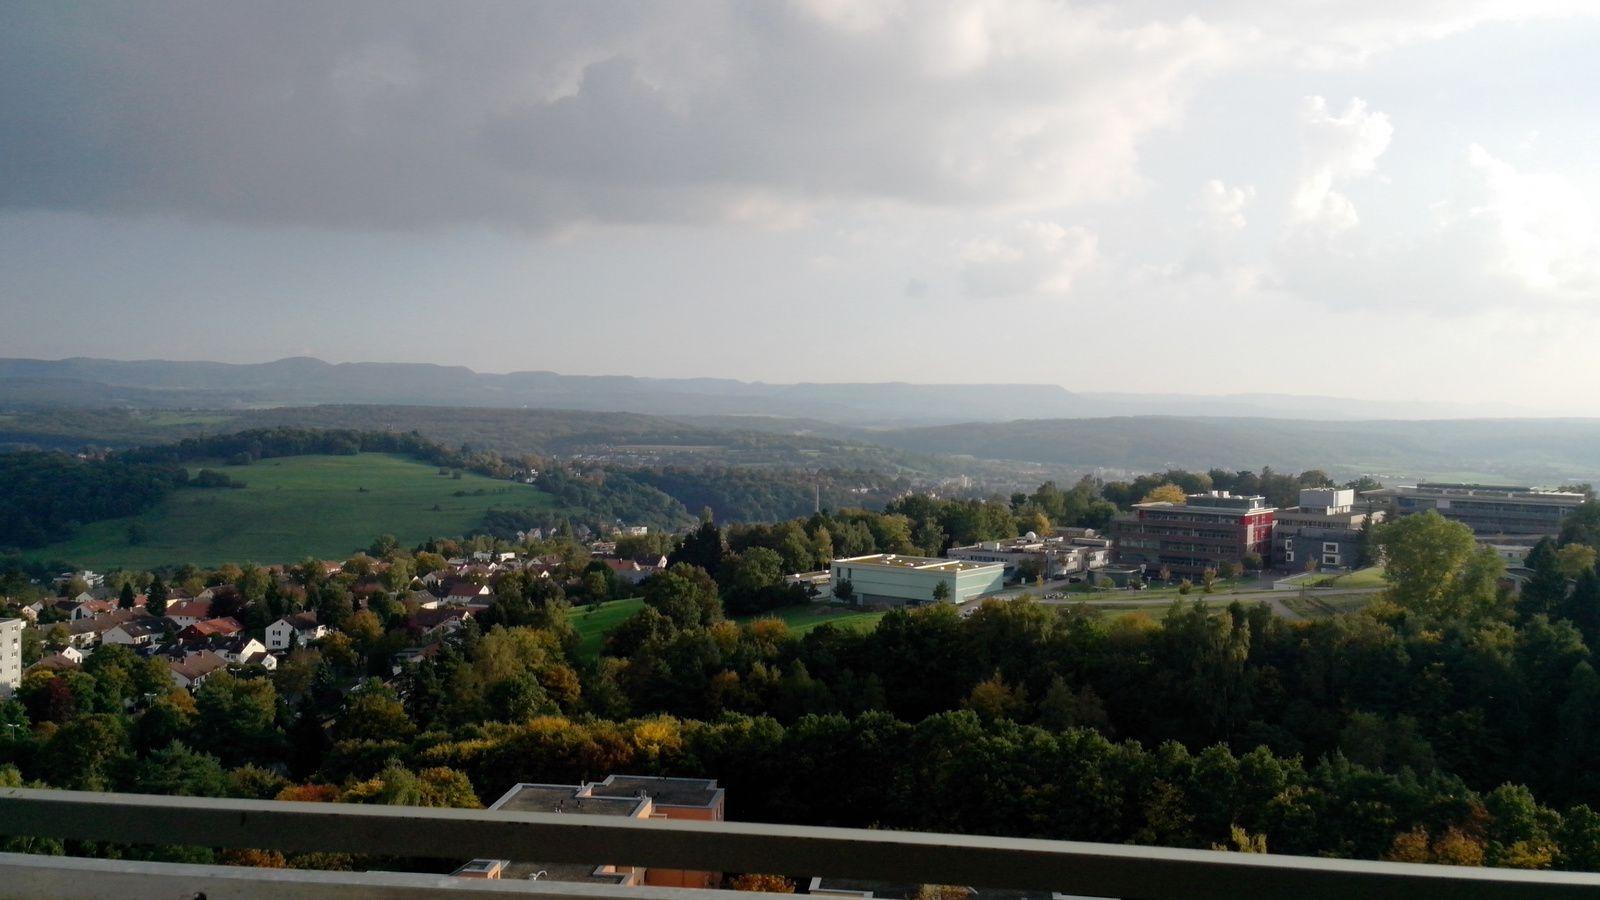 Wunderschöne Aussicht vom Balkon / La vue merveilleuse de mon balcon